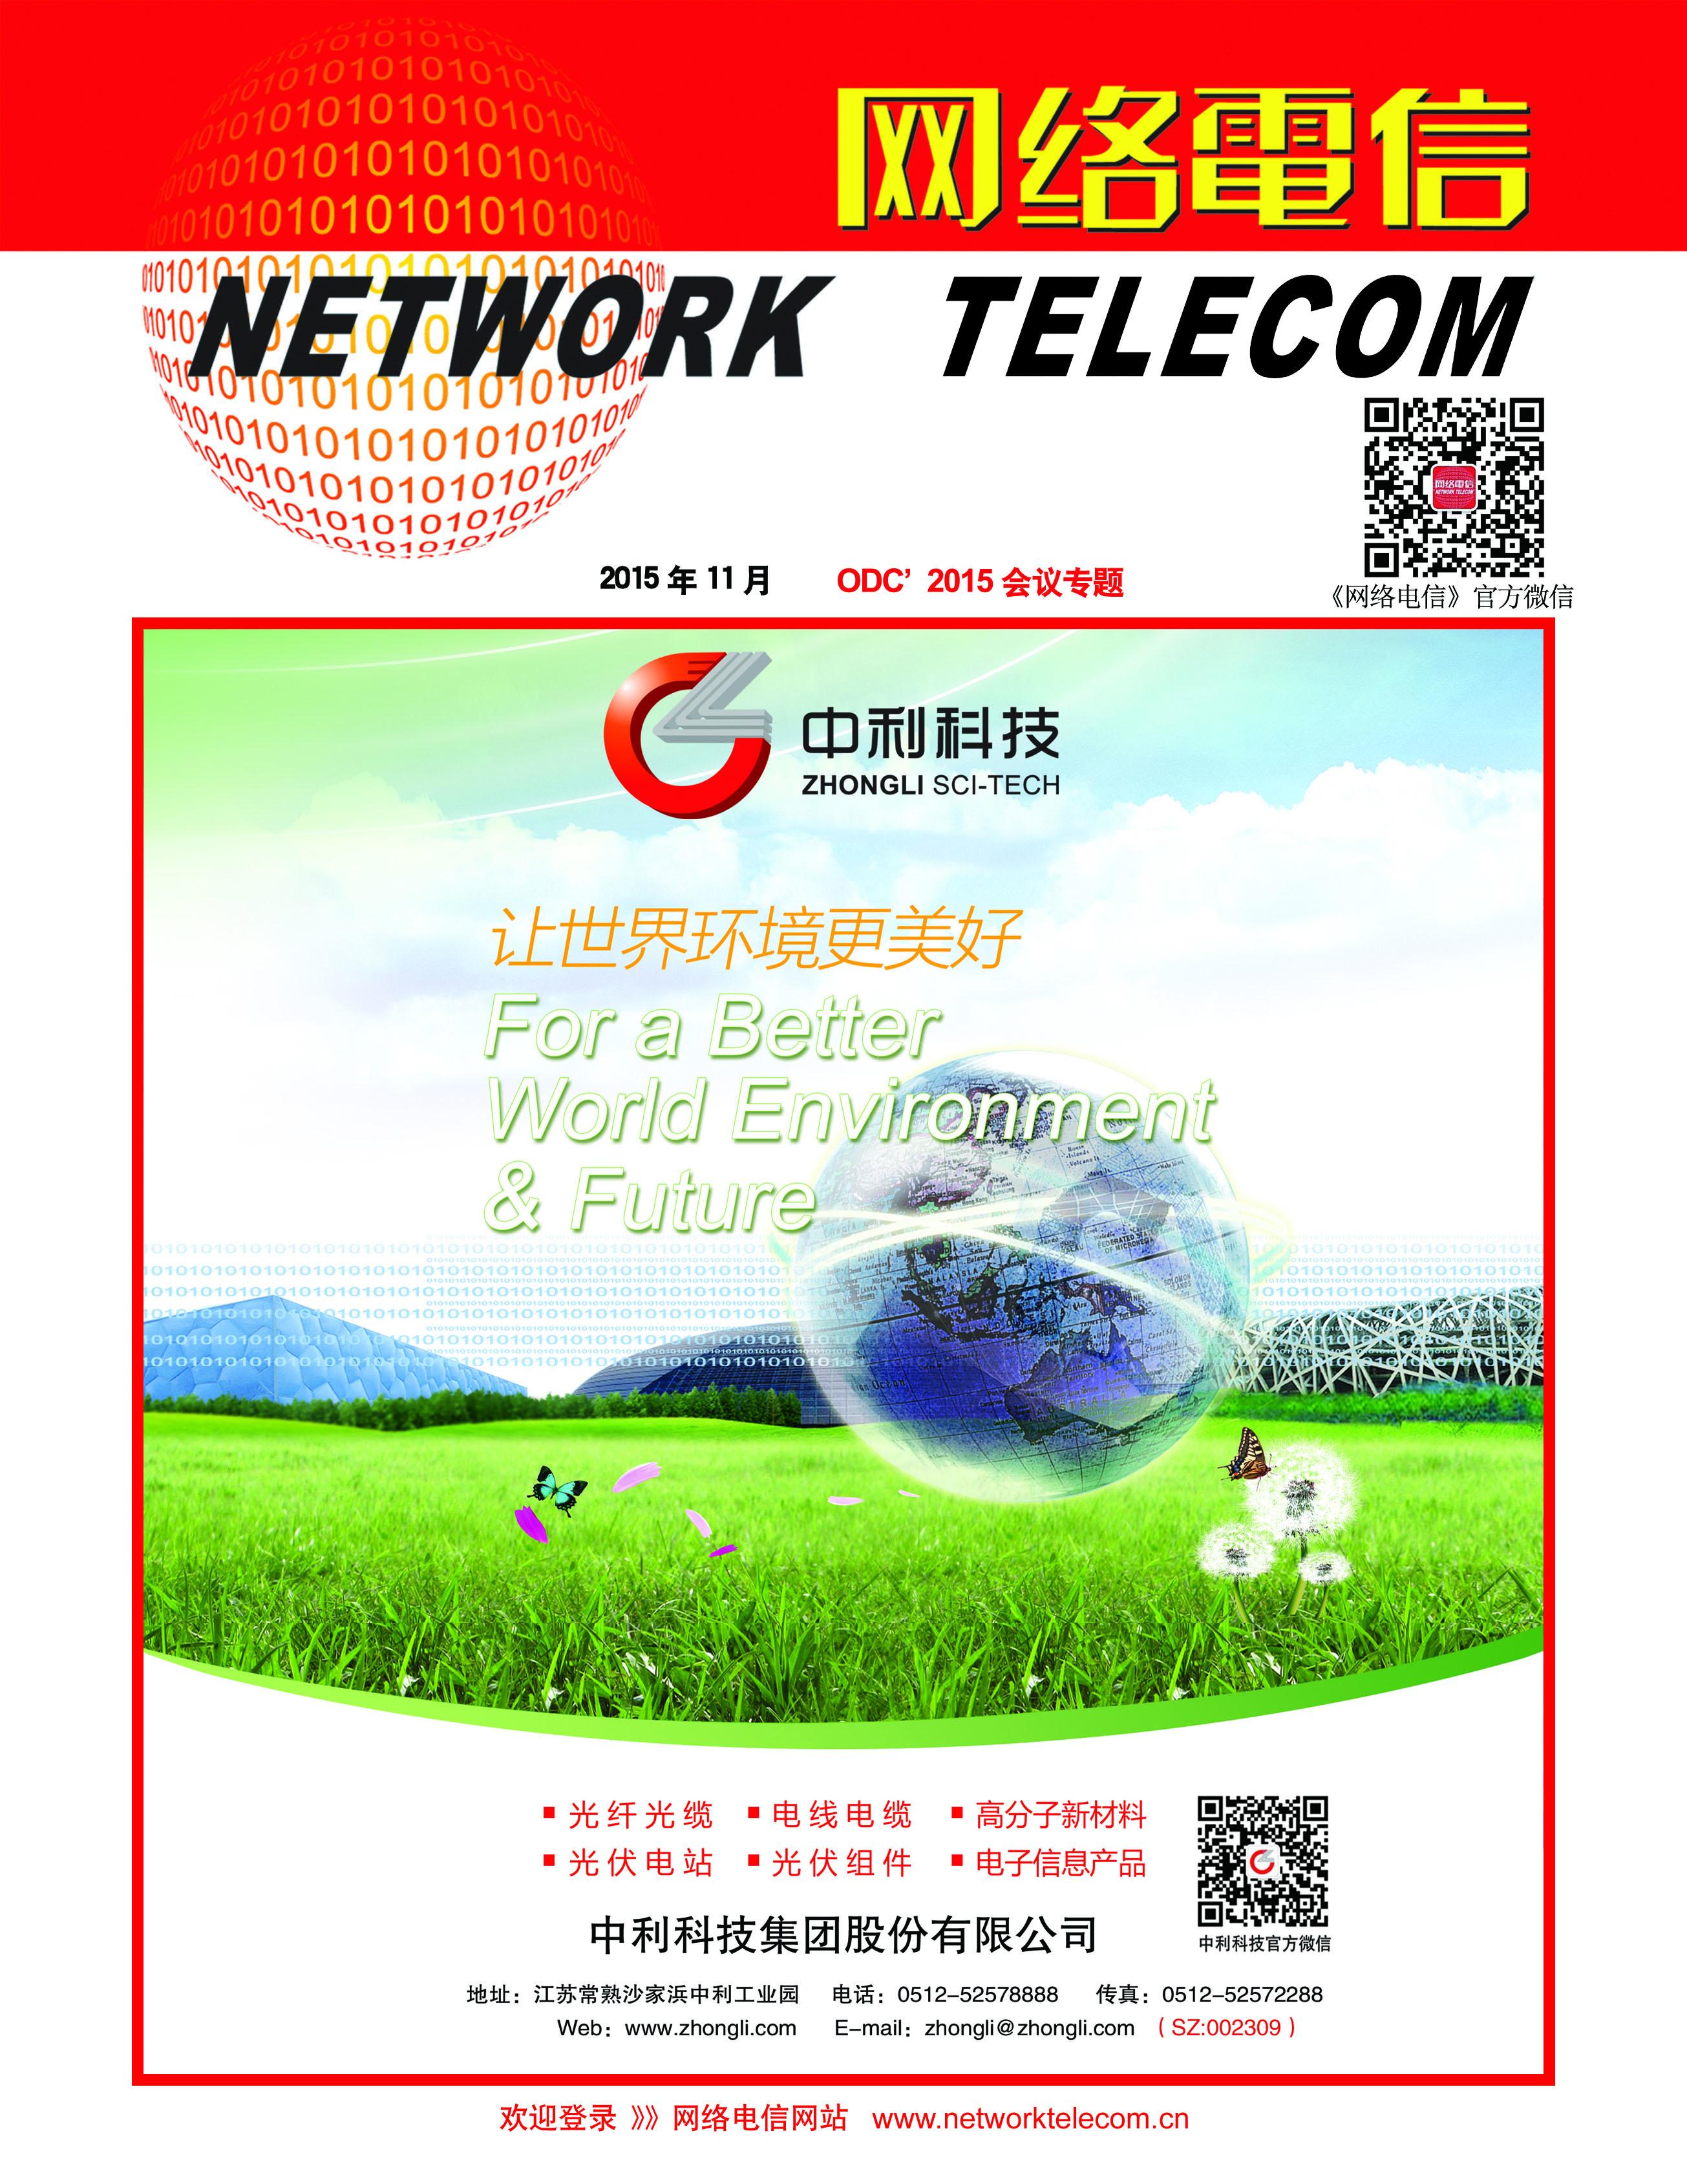 《网络电信》微杂志——ODC'2015会议专题